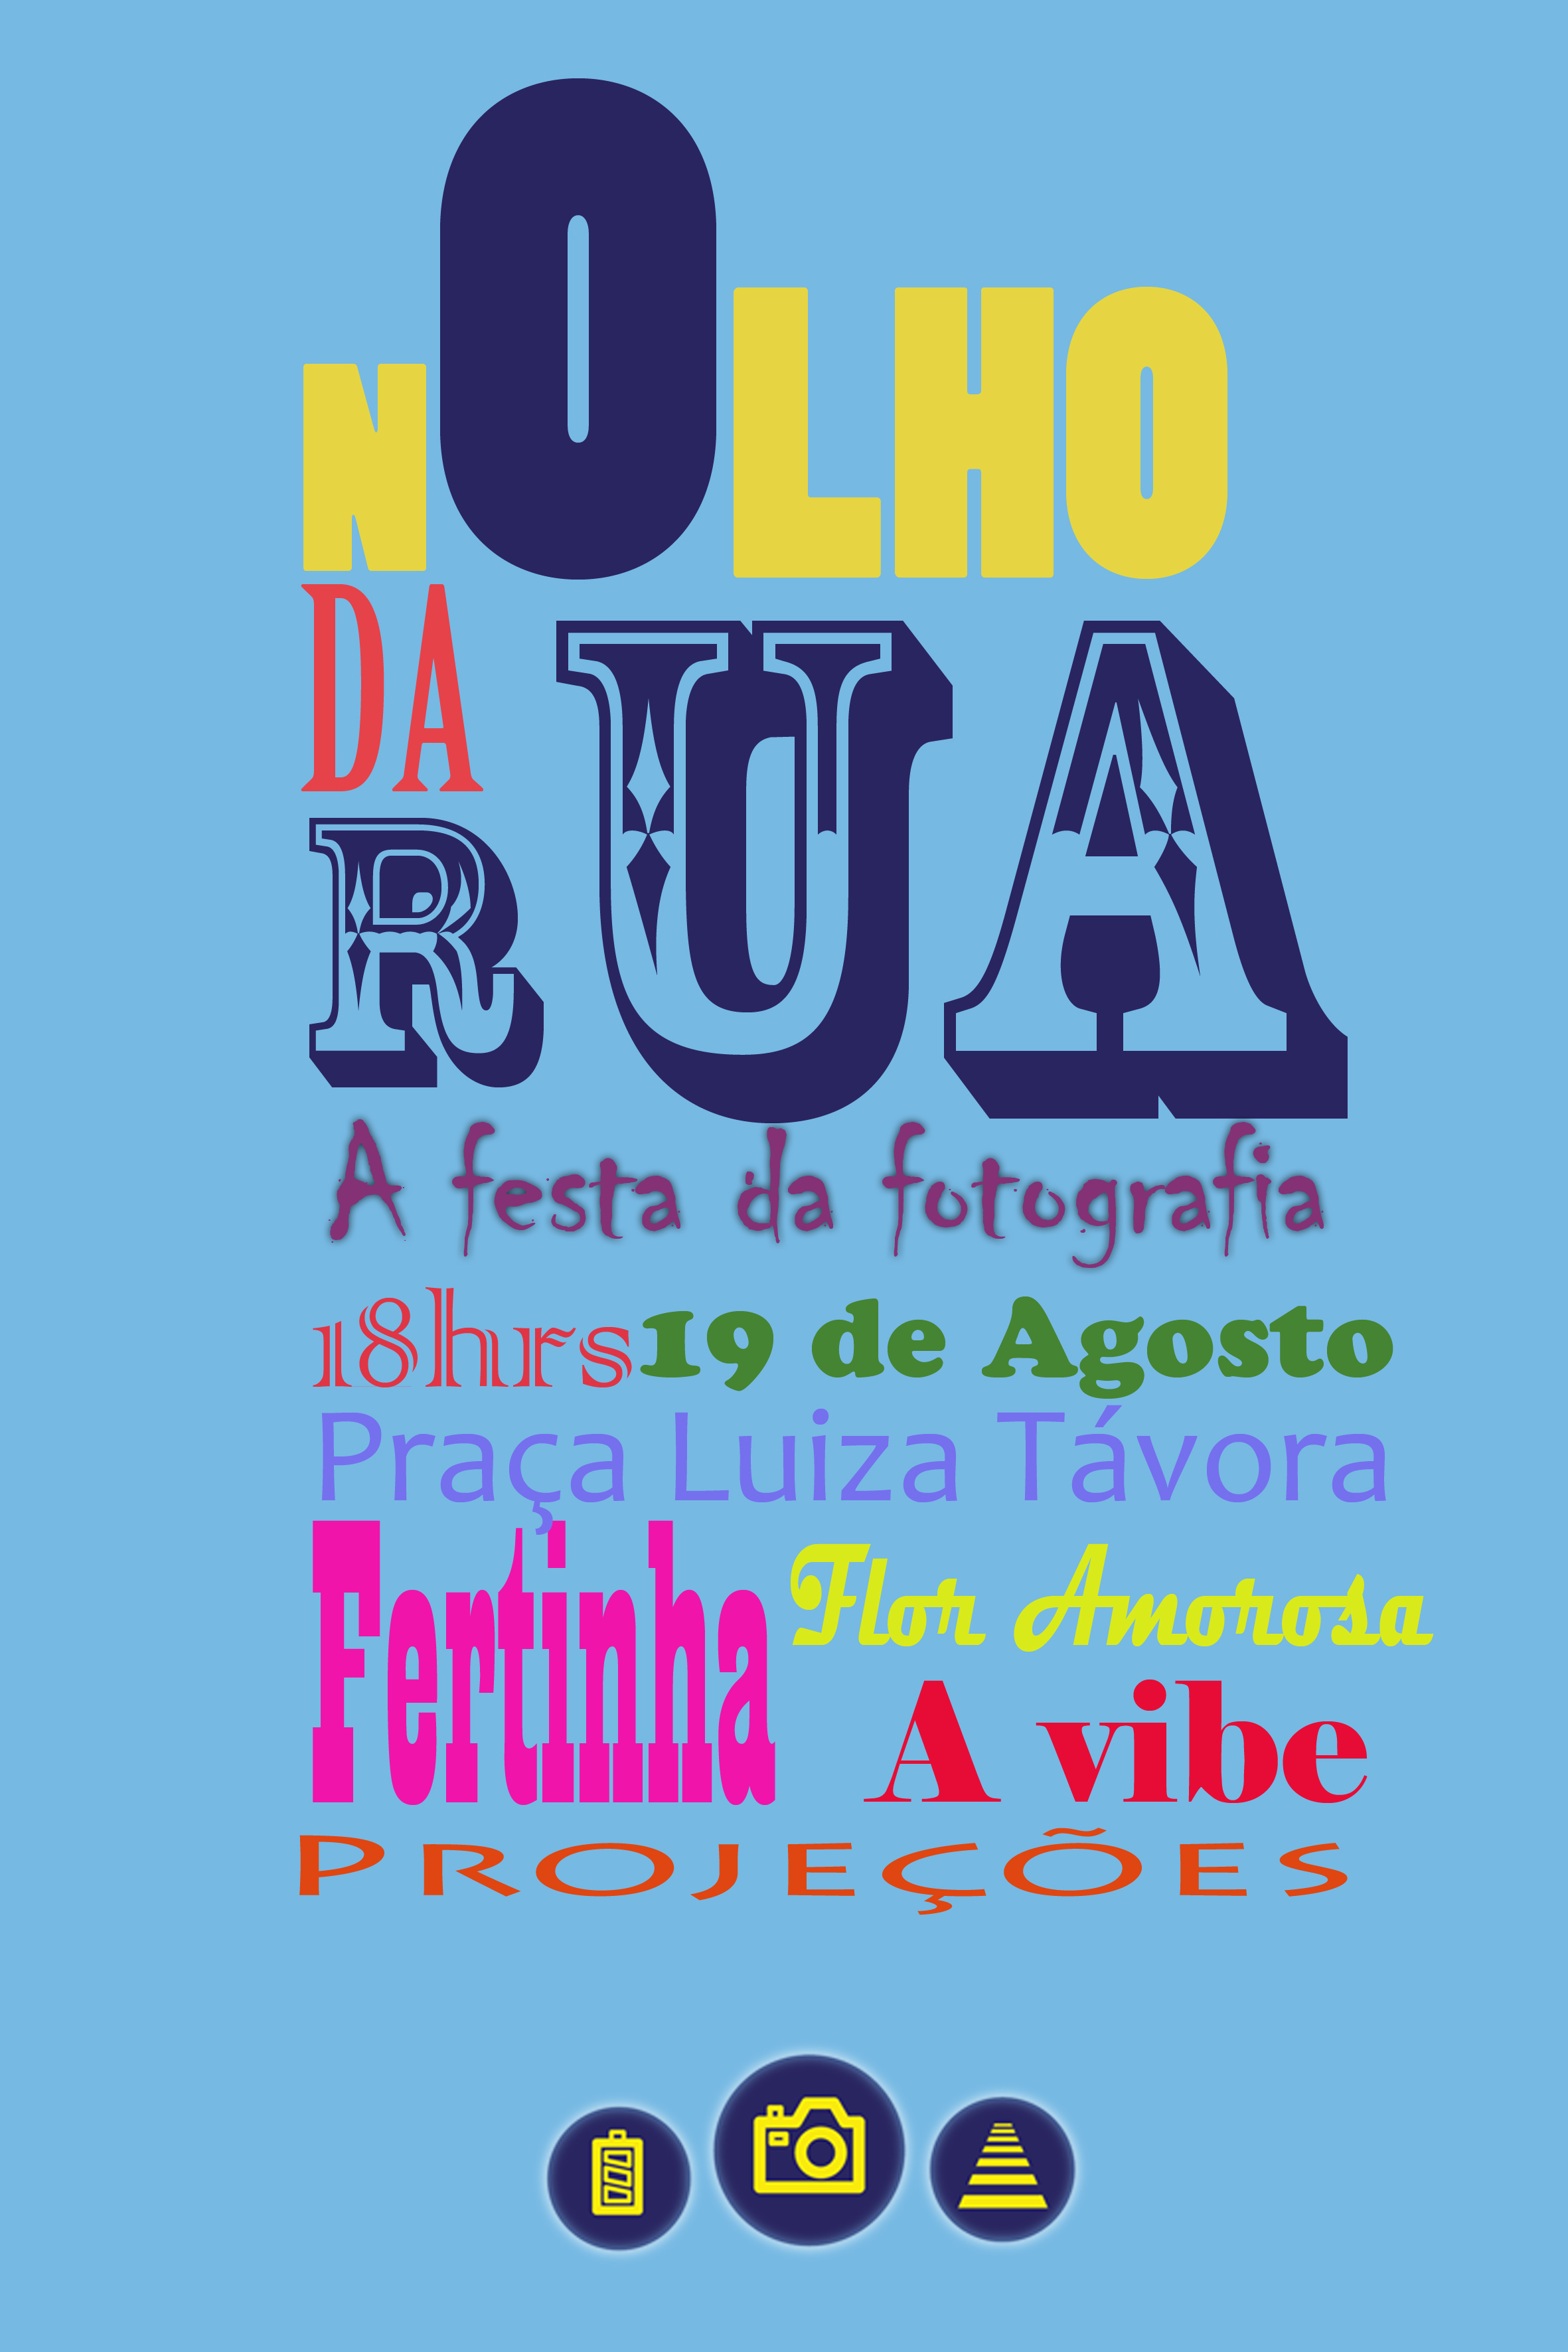 dia-internacional-da-fotografia_19deagosto_noolhodarua